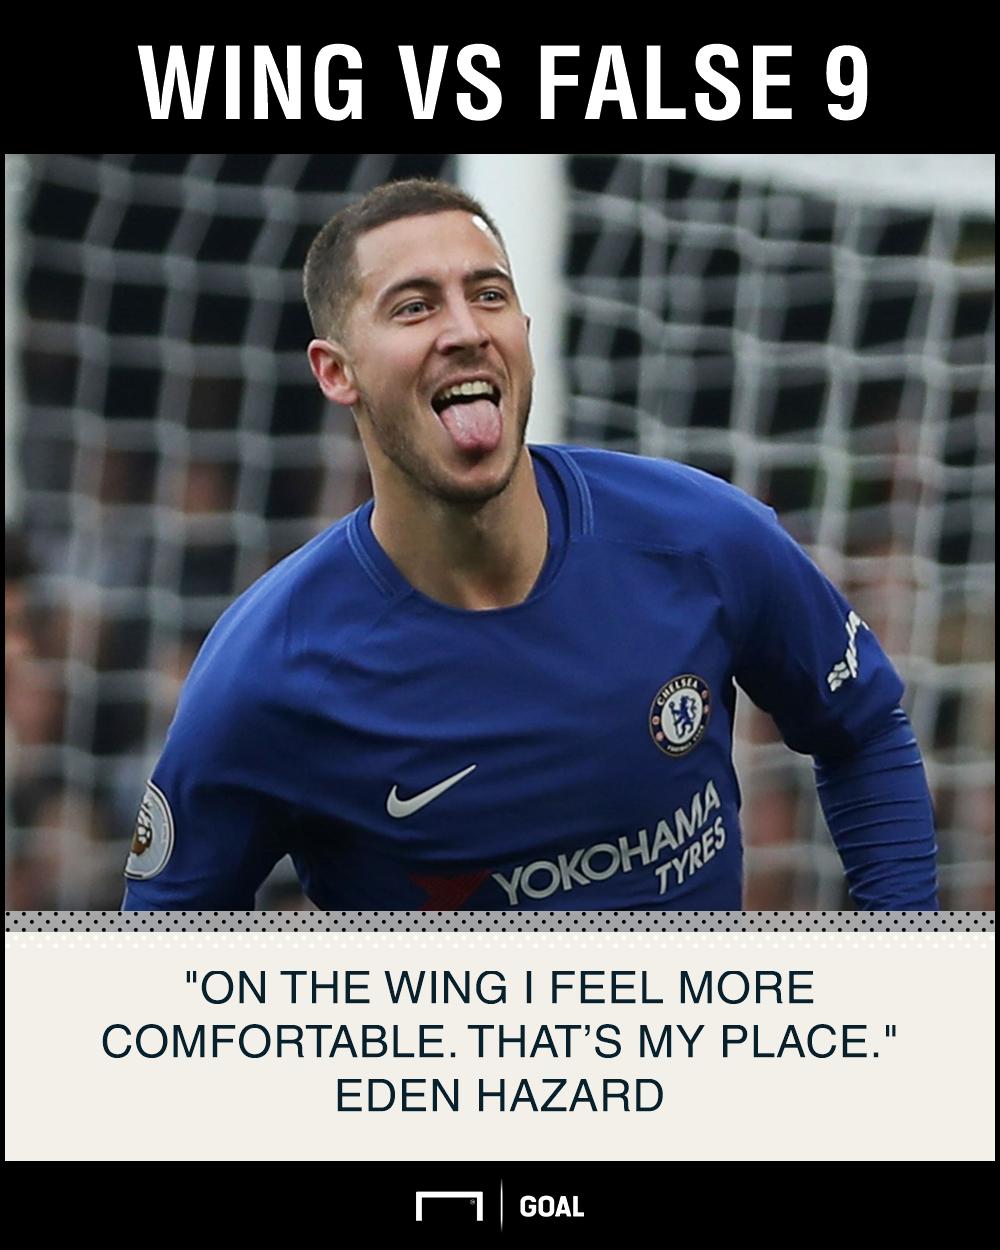 Eden Hazard quote GFX